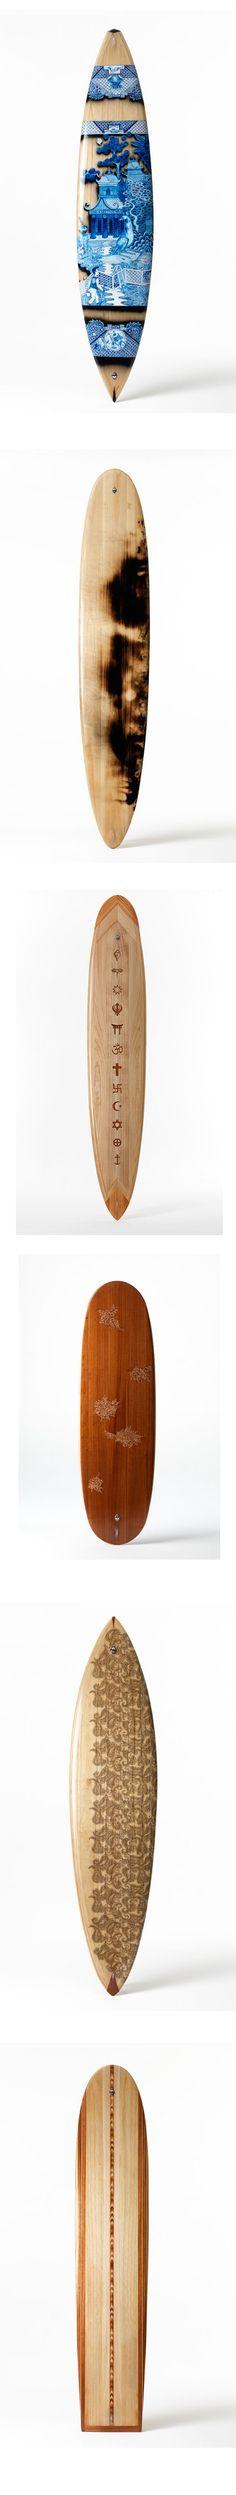 Walker Surfboards